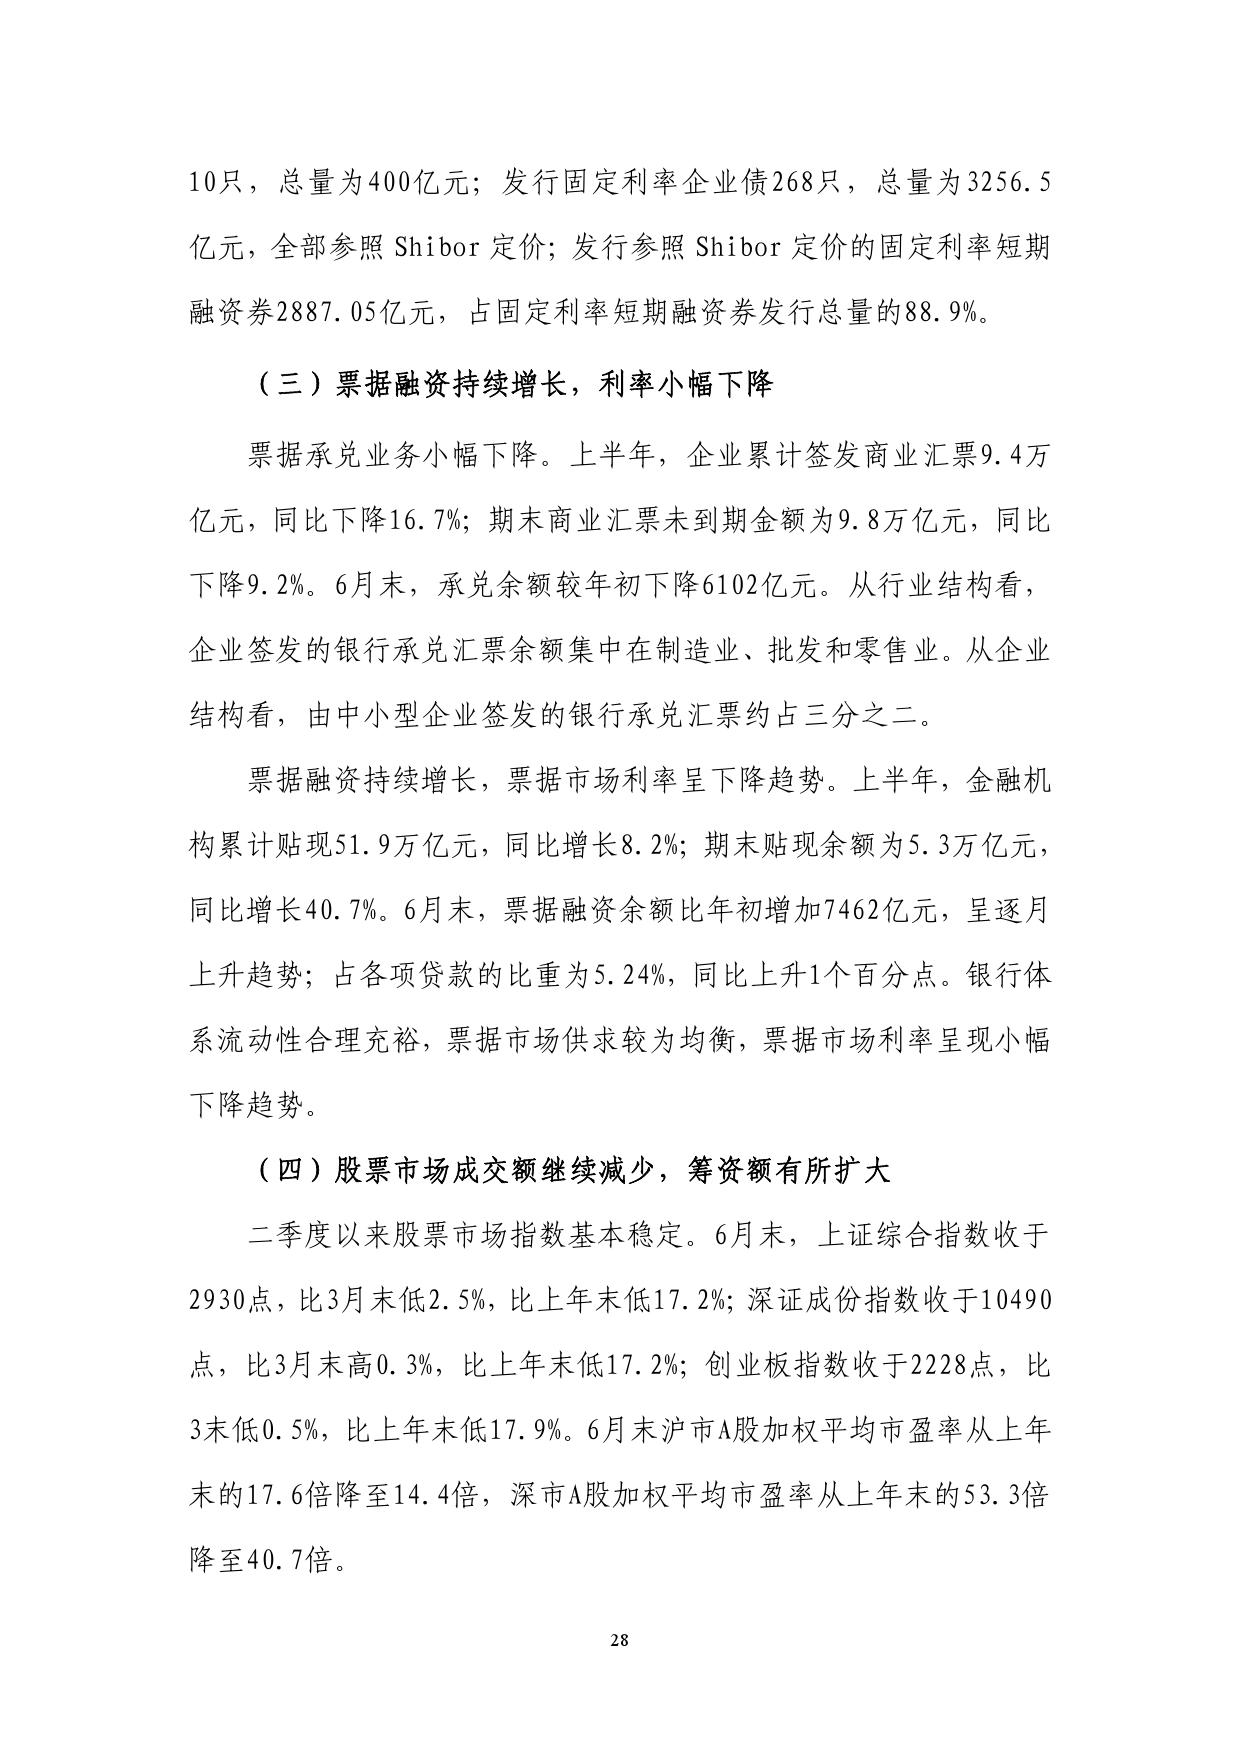 2016年Q2中国货币政策执行报告_000034